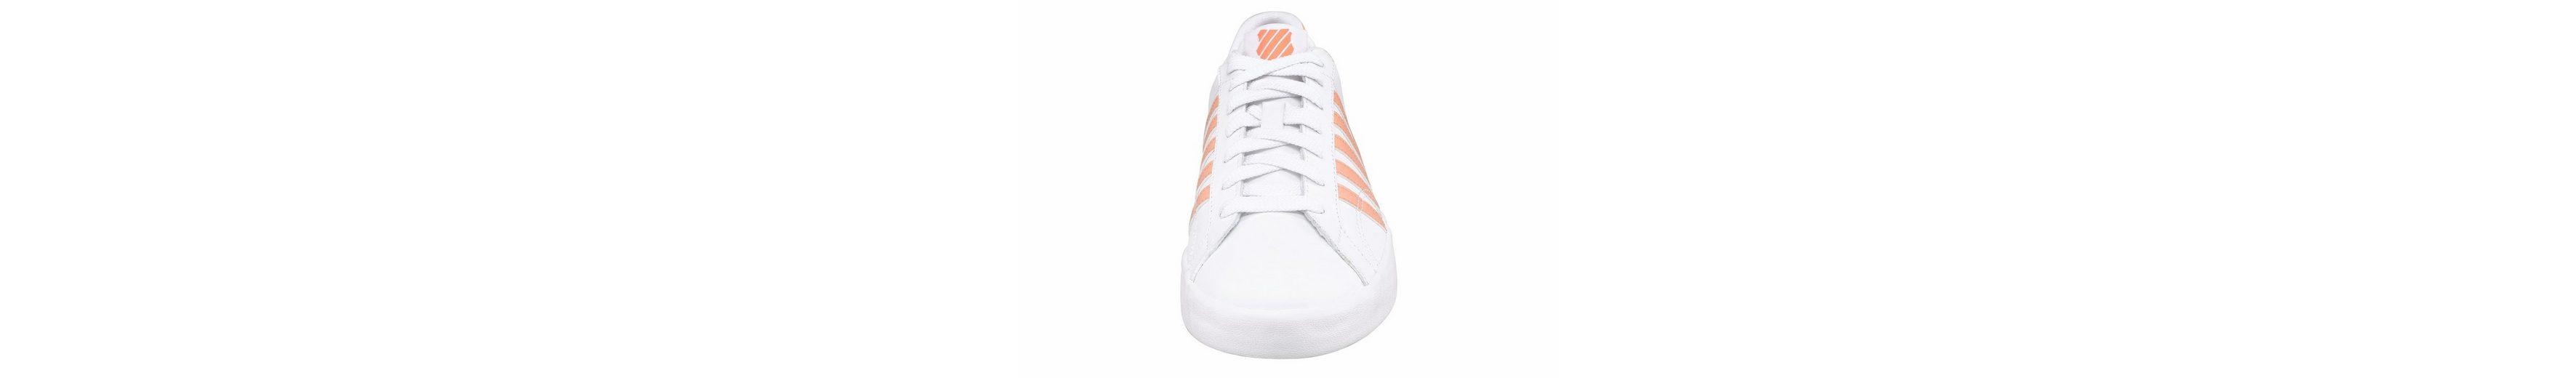 Billig Zum Verkauf K-Swiss Belmont Sneaker Verkauf Mit Kreditkarte Empfehlen Auslass Hohe Qualität Top Qualität 4WLxqlcY